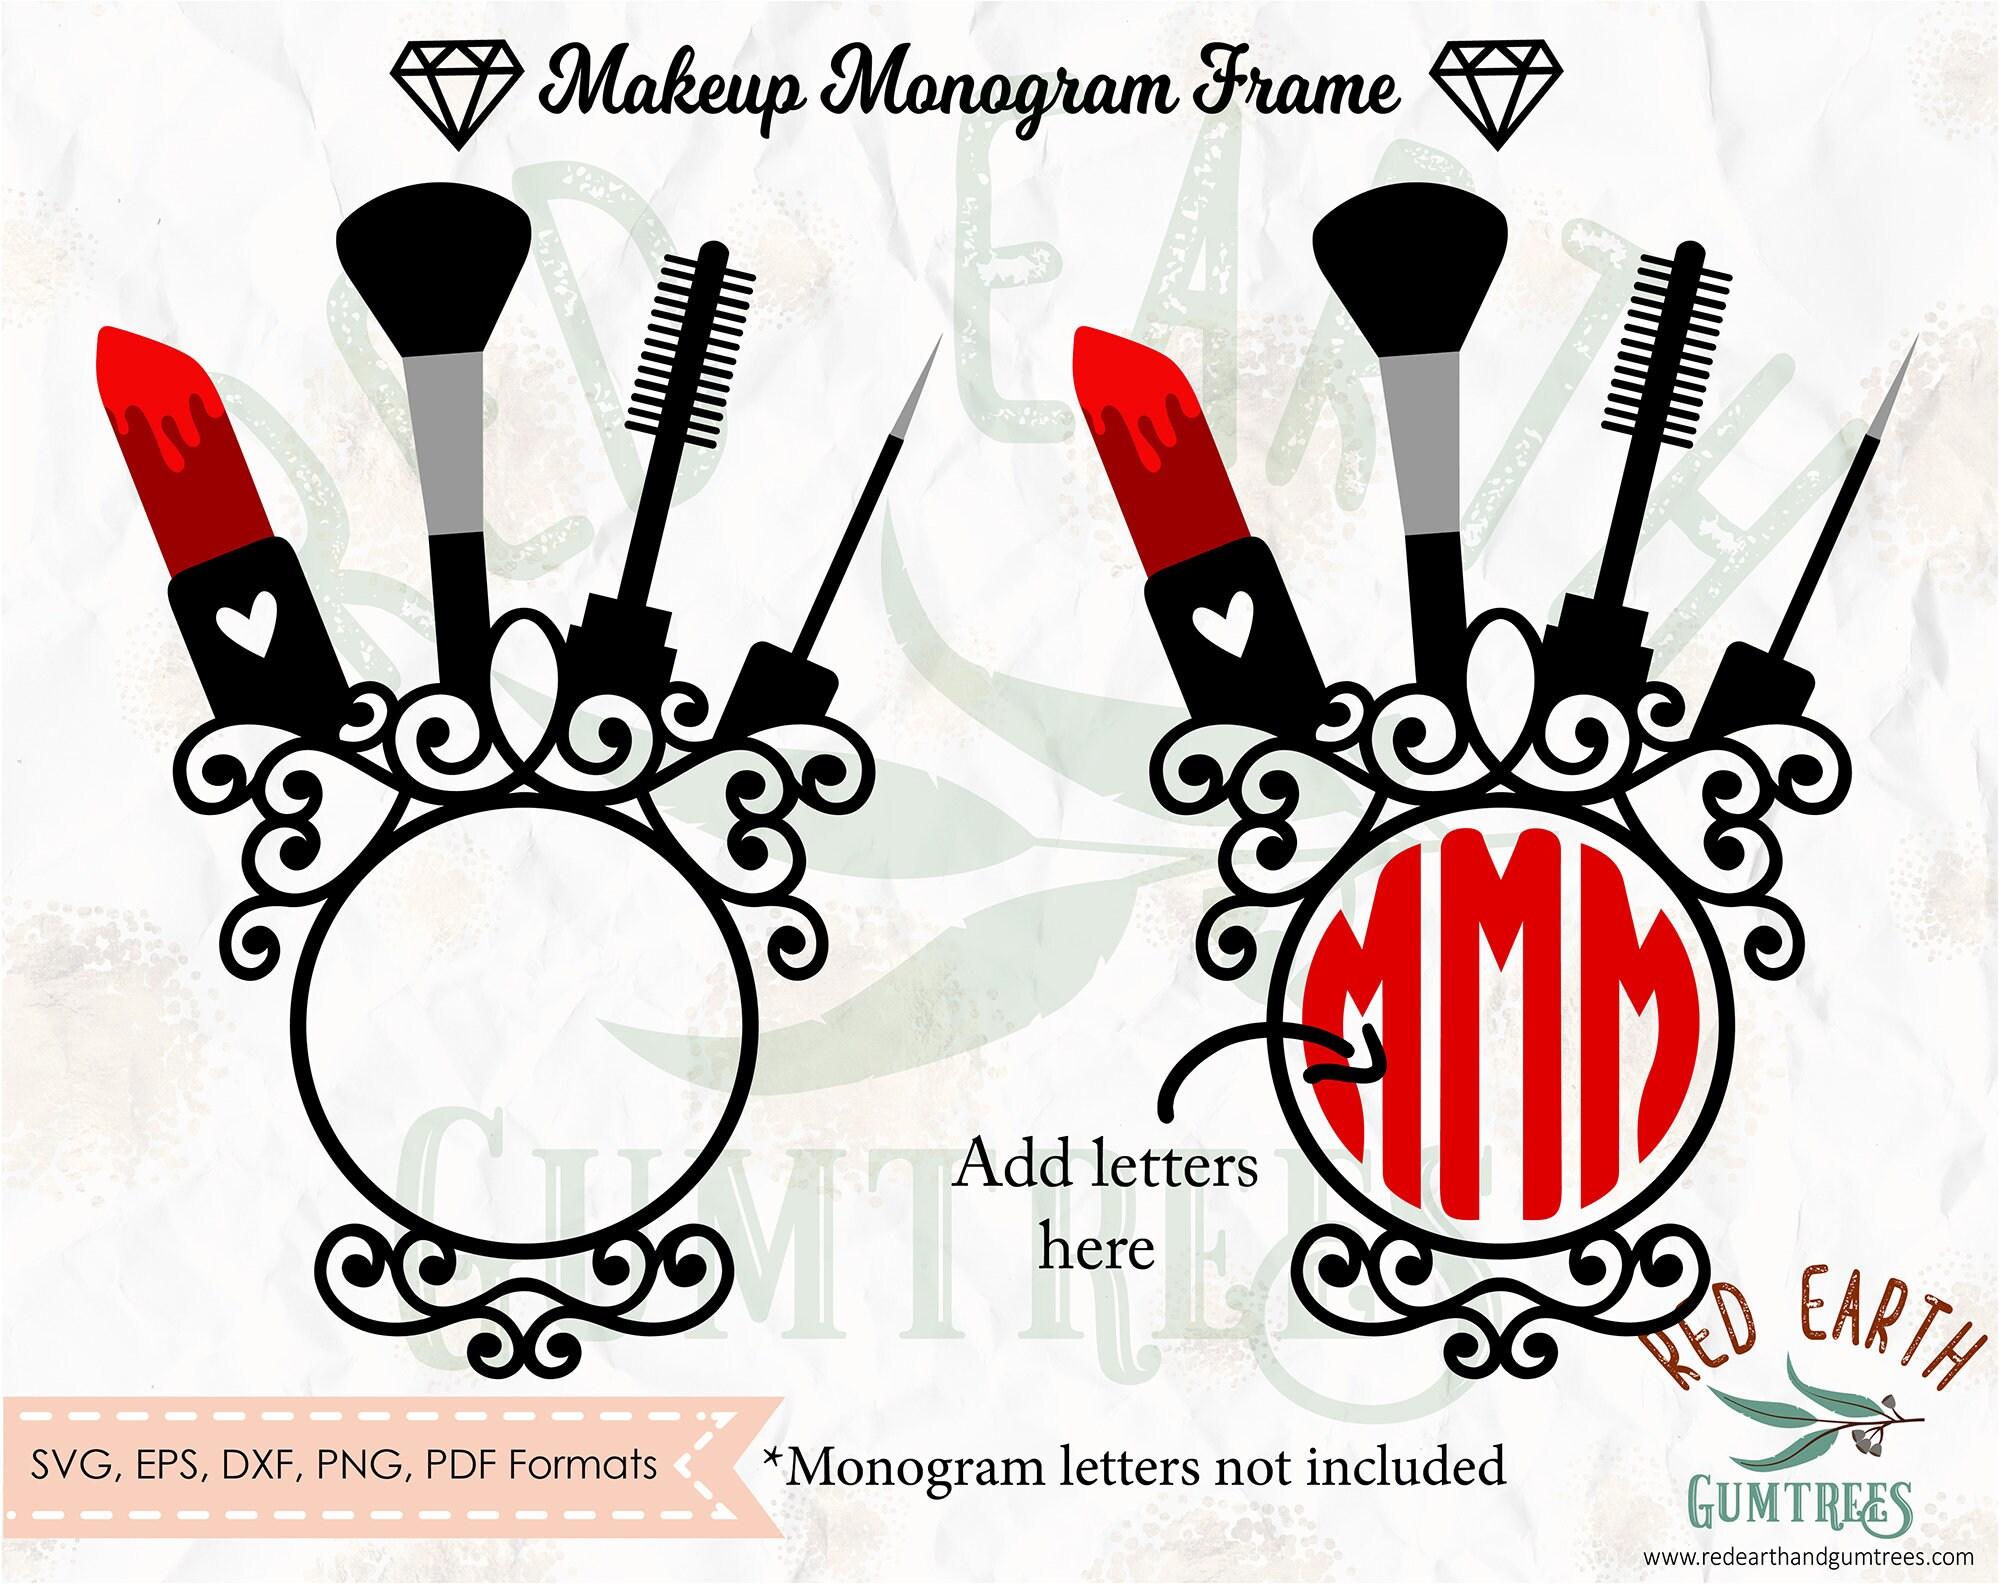 Digital Download Mascara svg Cut file Lipstick svg Makeup Split Monogram frame Glamour monogram SVG,PNG,Eps,DXF,Pdf cricut Silhouette